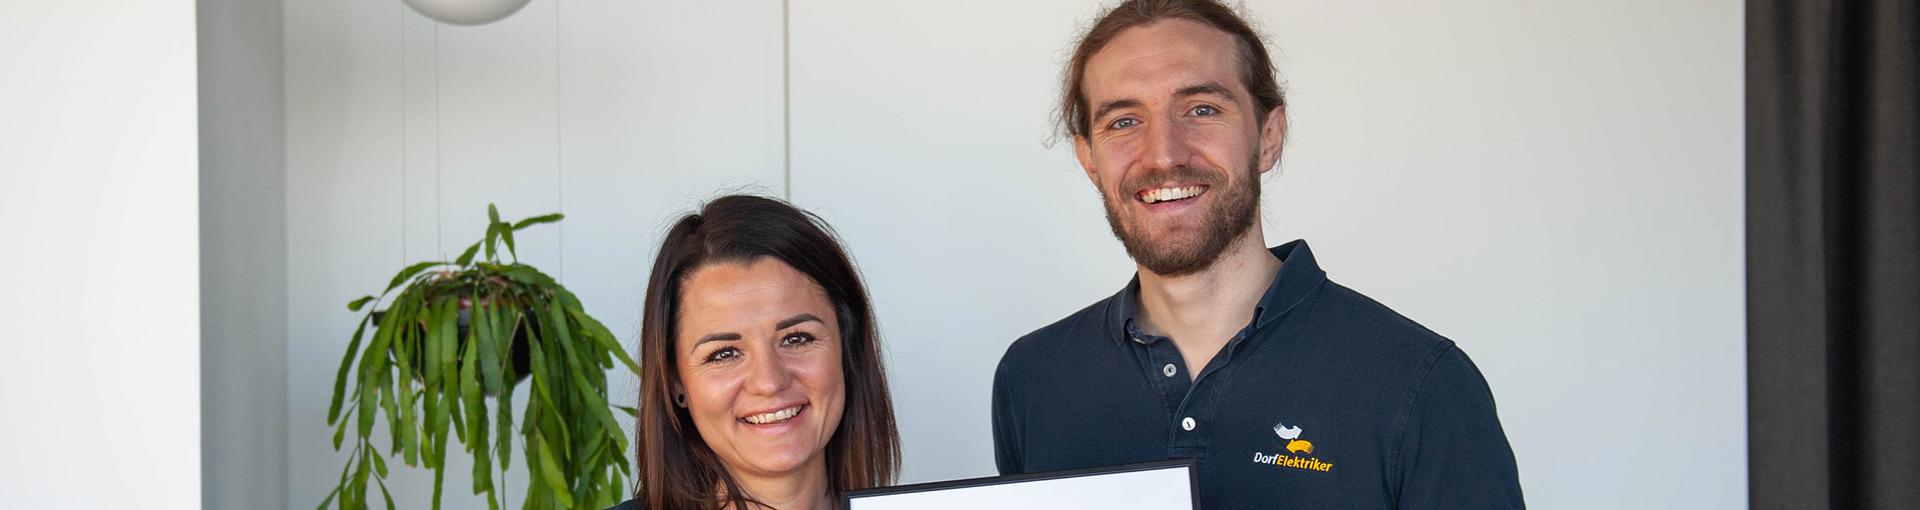 Den VN Klimaschutzpreis in der Kategorie innovative Unternehmen hat die Dorfelektriker Mittelberger GmbH erhalten.